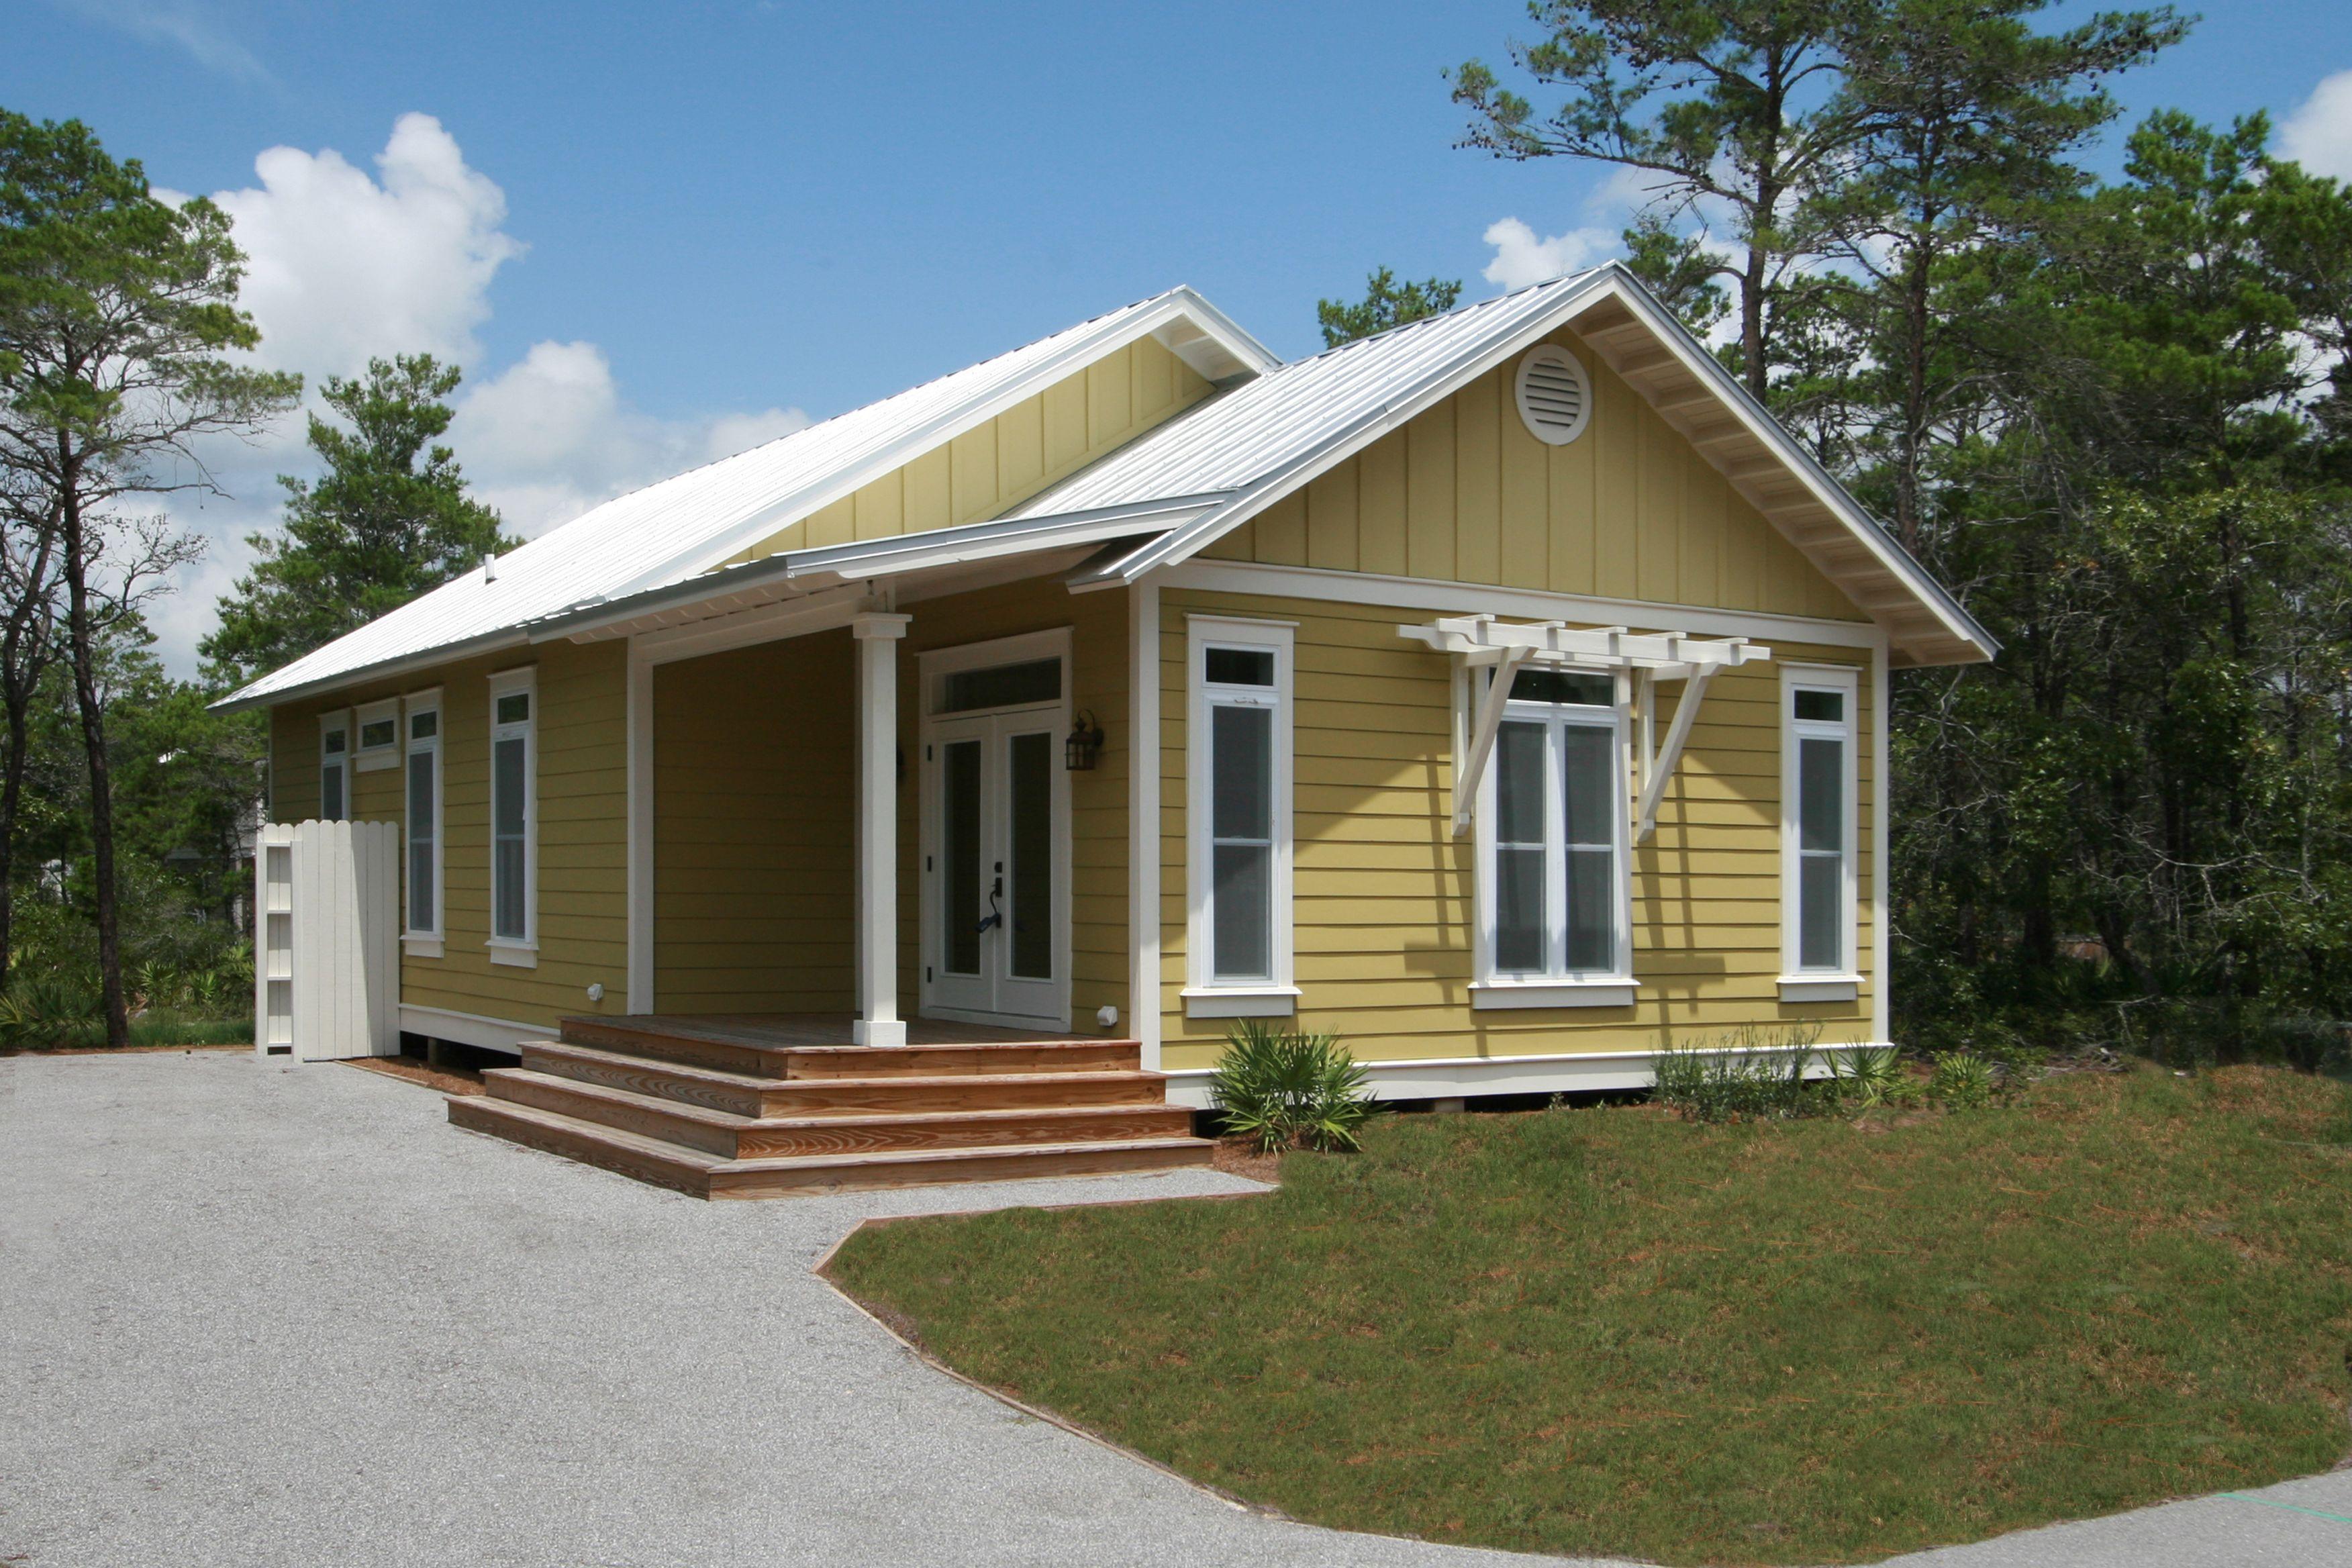 Custom ranch coastal modular home design by Nationwide